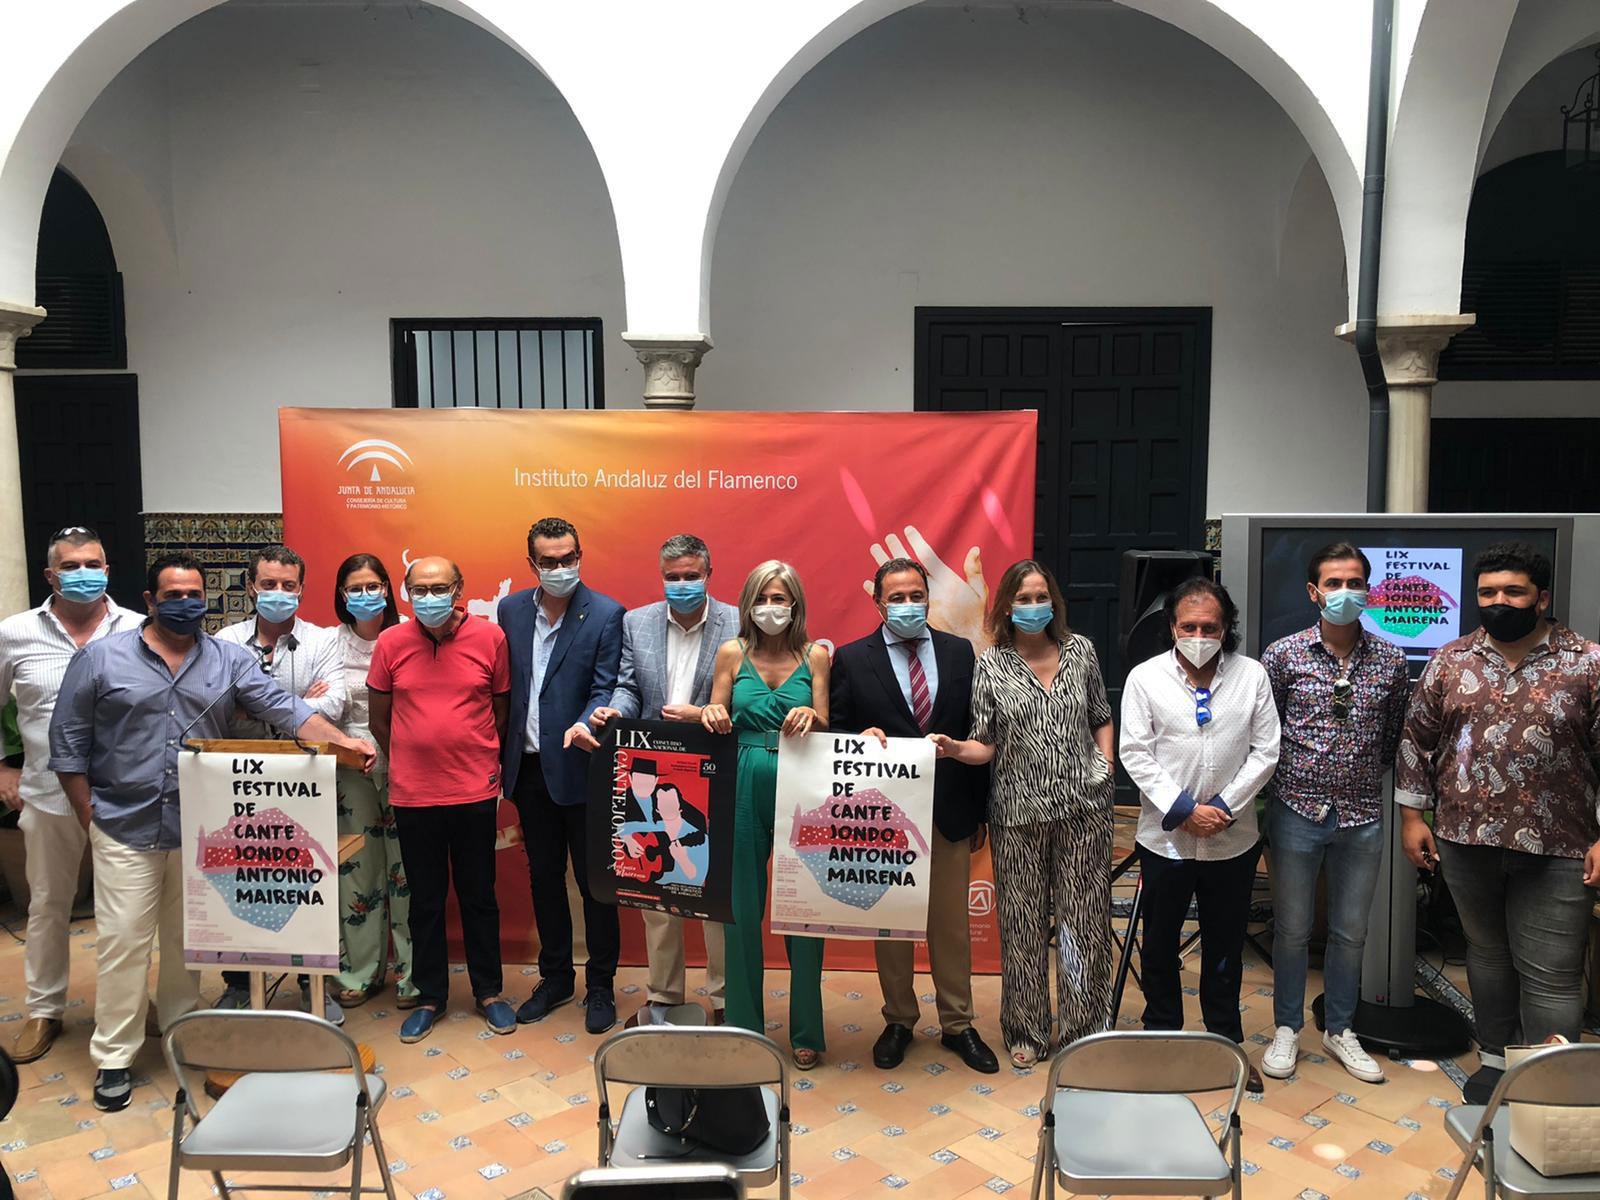 El LIX FESTIVAL DE CANTE JONDO ANTONIO MAIRENA con quejíos maireneros